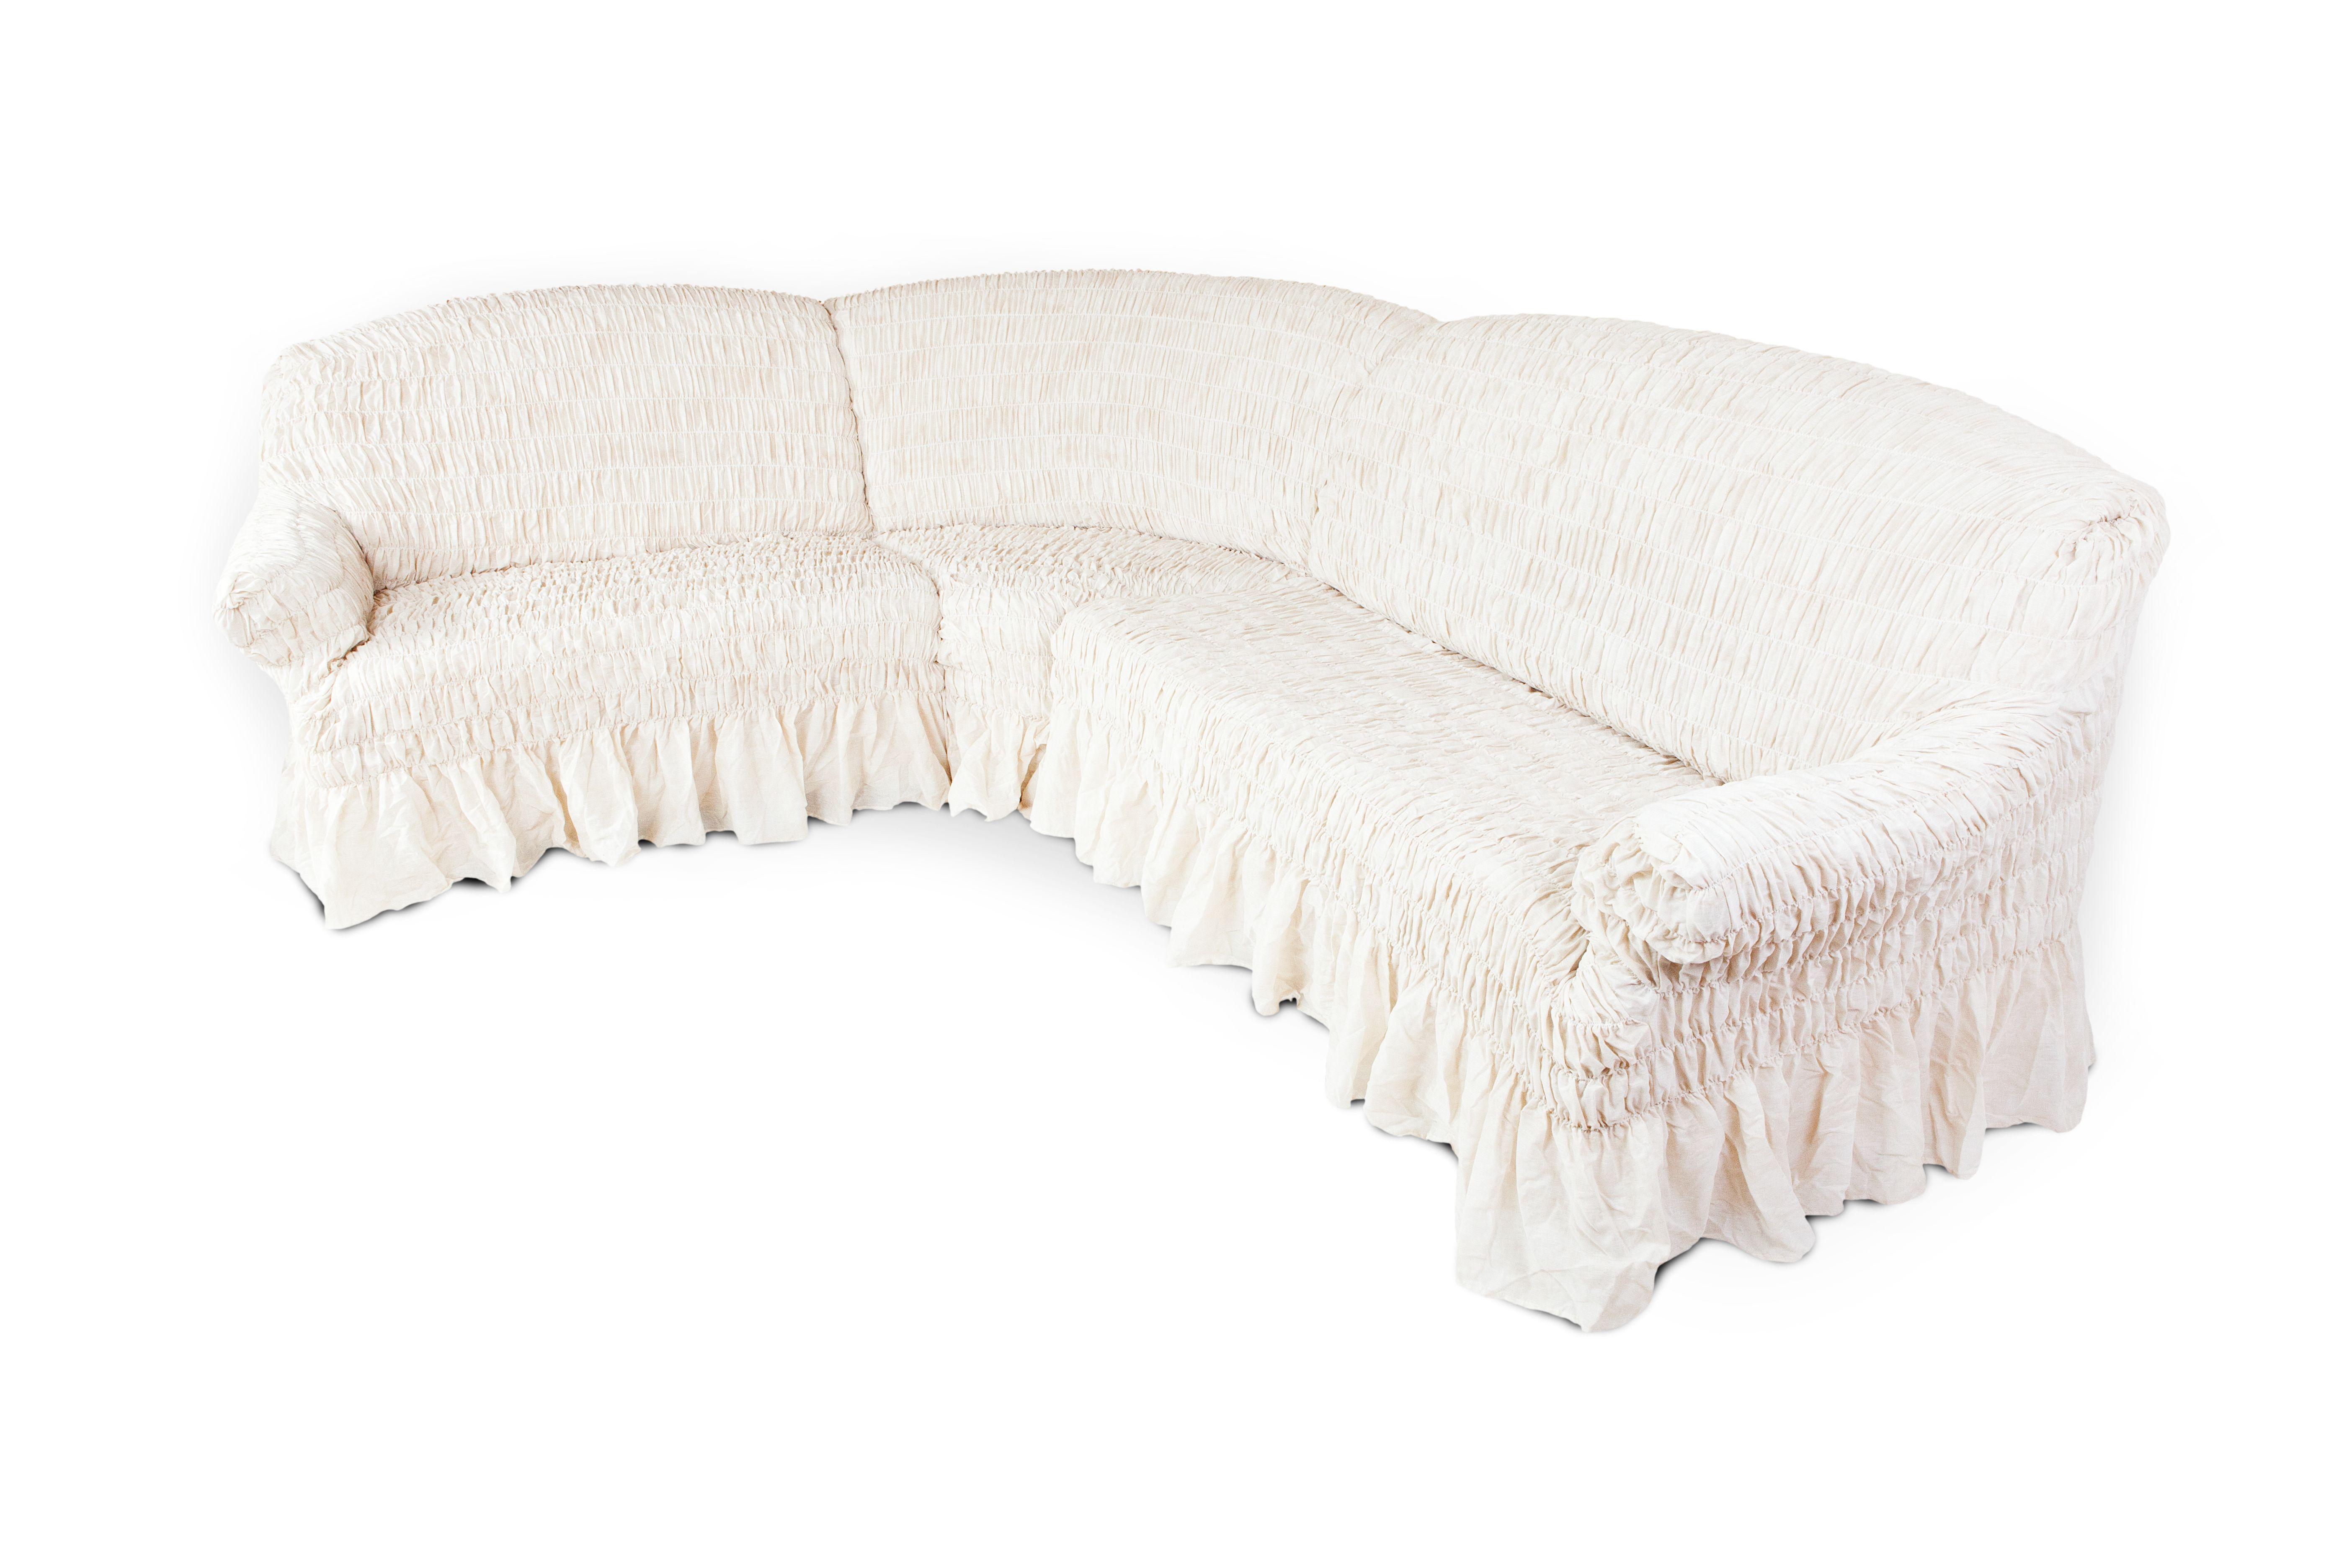 Чехол на угловой диван Еврочехол Фантазия, цвет: молочный, 380-530 см2/12-8Чехол на классический угловой диван Еврочехол Фантазия выполнен из 50% хлопка, 50% полиэстера. Он идеально подойдет для тех, кто хочет защитить свою мебель от постоянных воздействий. Этот чехол, благодаря прочности ткани, станет отличным решением для владельцев домашних животных. Кроме того, натуральный состав ткани гипоаллергенен, а потому безопасен для малышей или людей пожилого возраста. Такой чехол отлично впишется в любой интерьер. Еврочехол послужит не только практичной защитой для вашей мебели, но и приятно удивит вас мягкостью ткани и итальянским качеством производства. Растяжимость чехла по спинке (без учета подлокотников): 380-530 см.